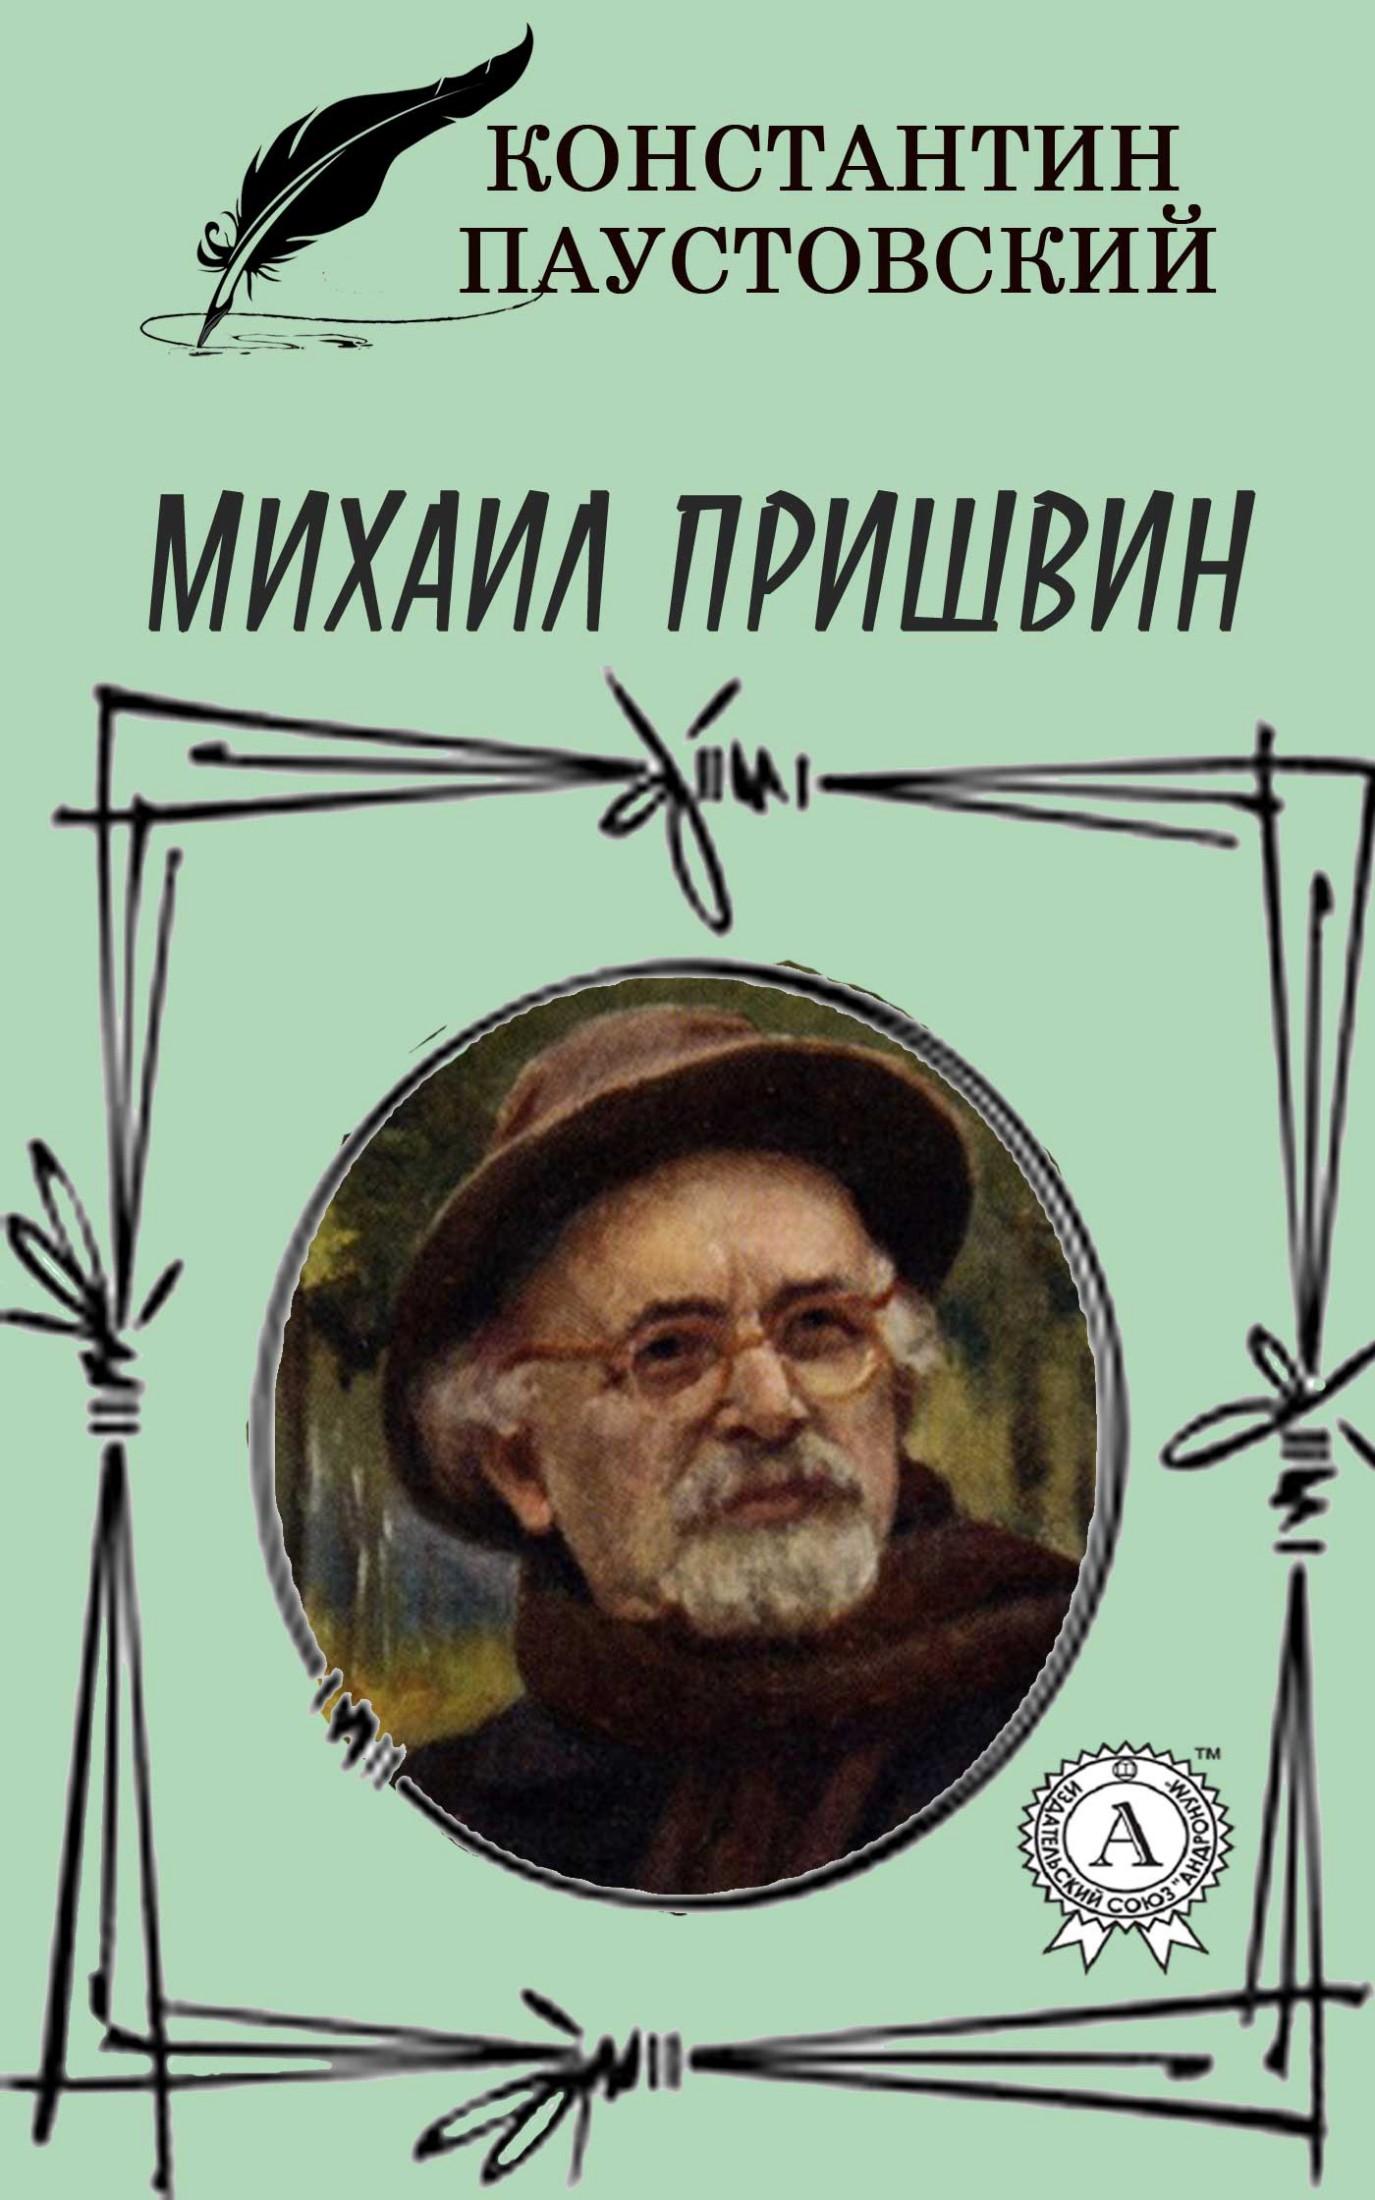 Костянтин Паустовський Михаил Пришвин